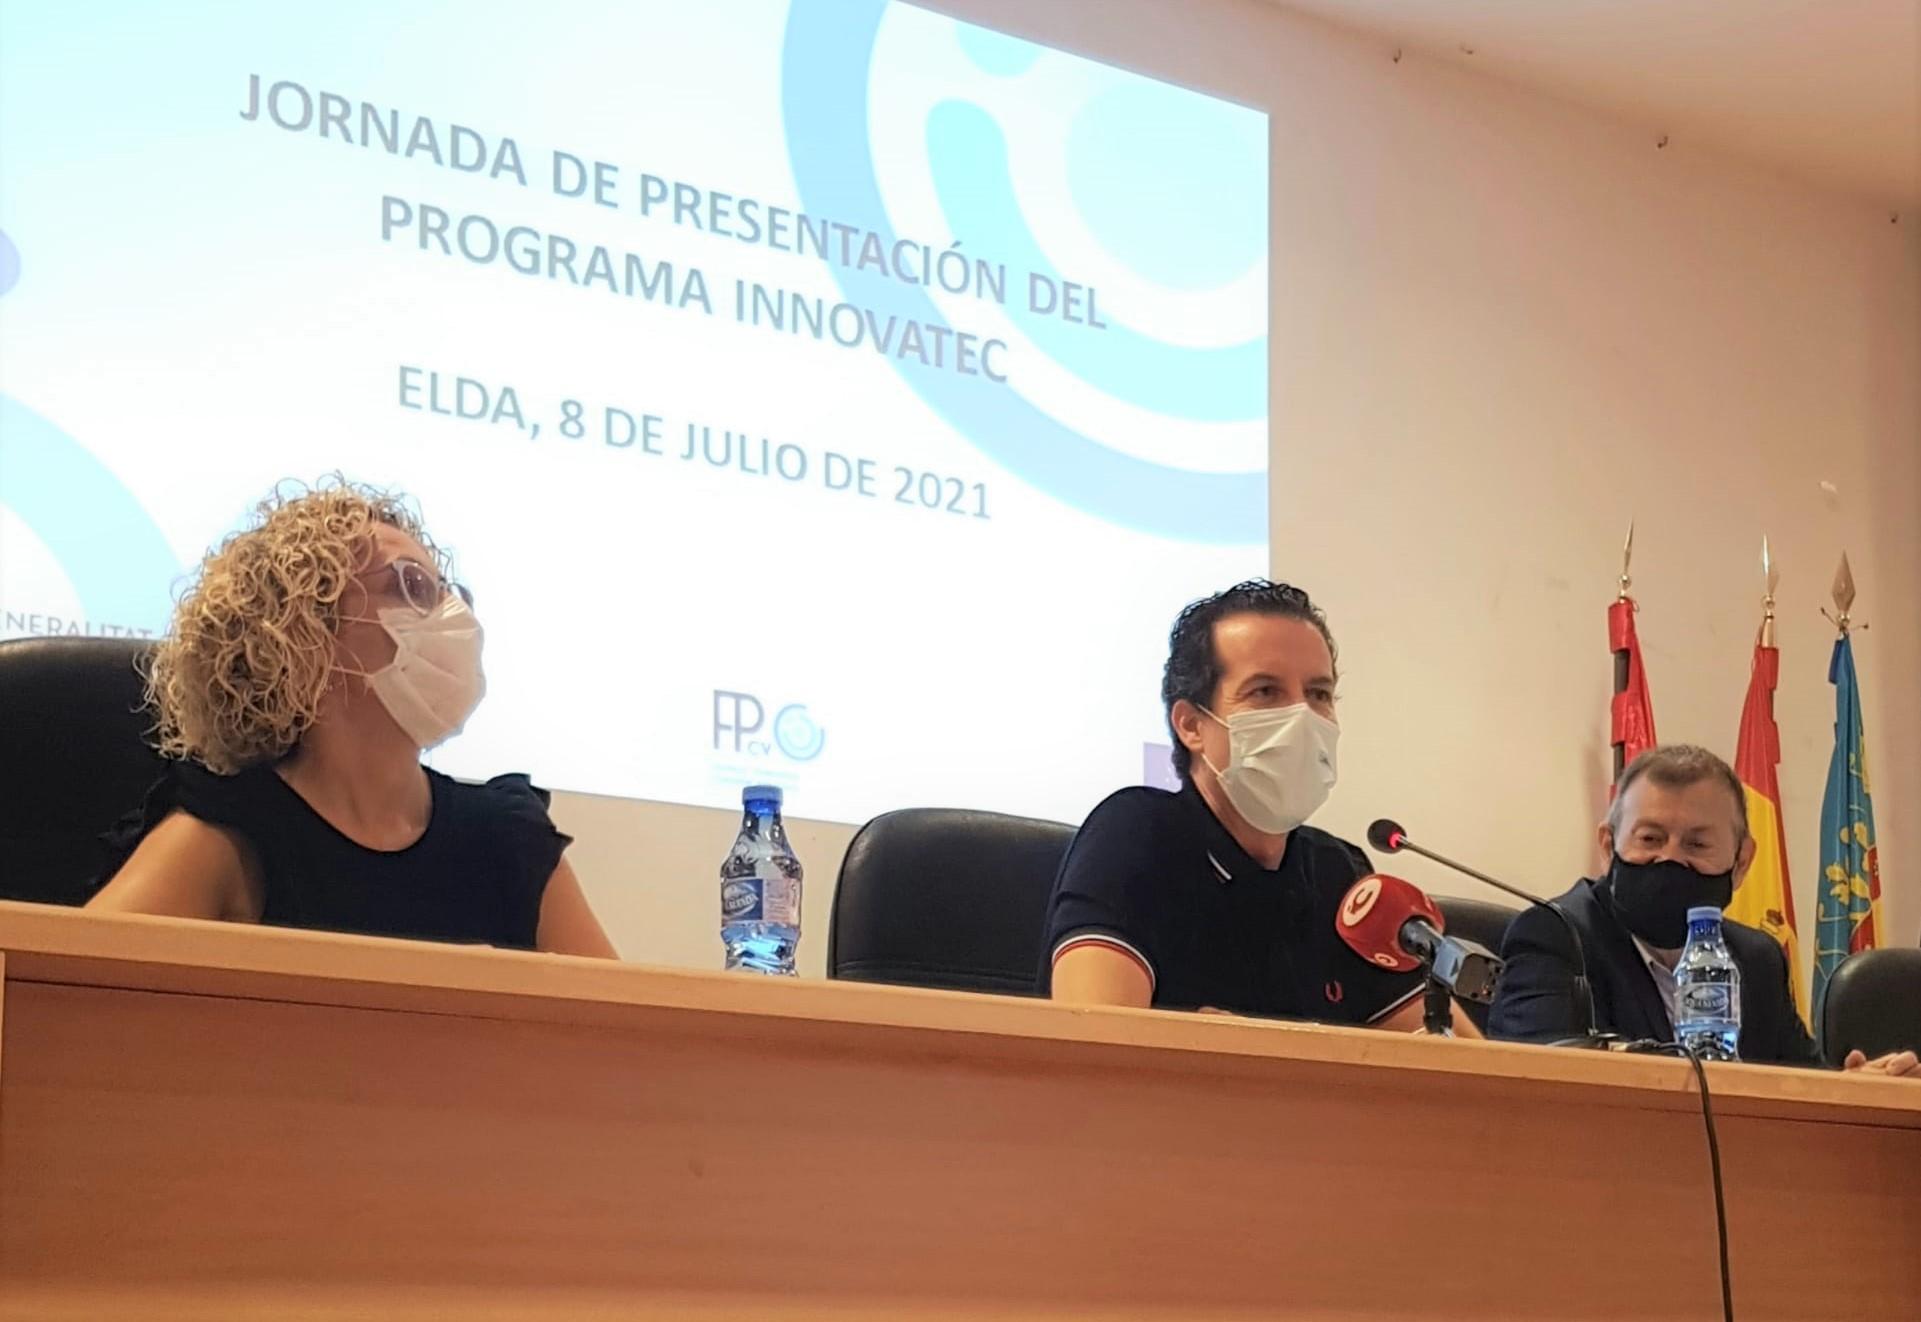 Elda acoge la presentación del programa 'Innovatec' para los responsables docentes de todos los centros de FP de la provincia de Alicante